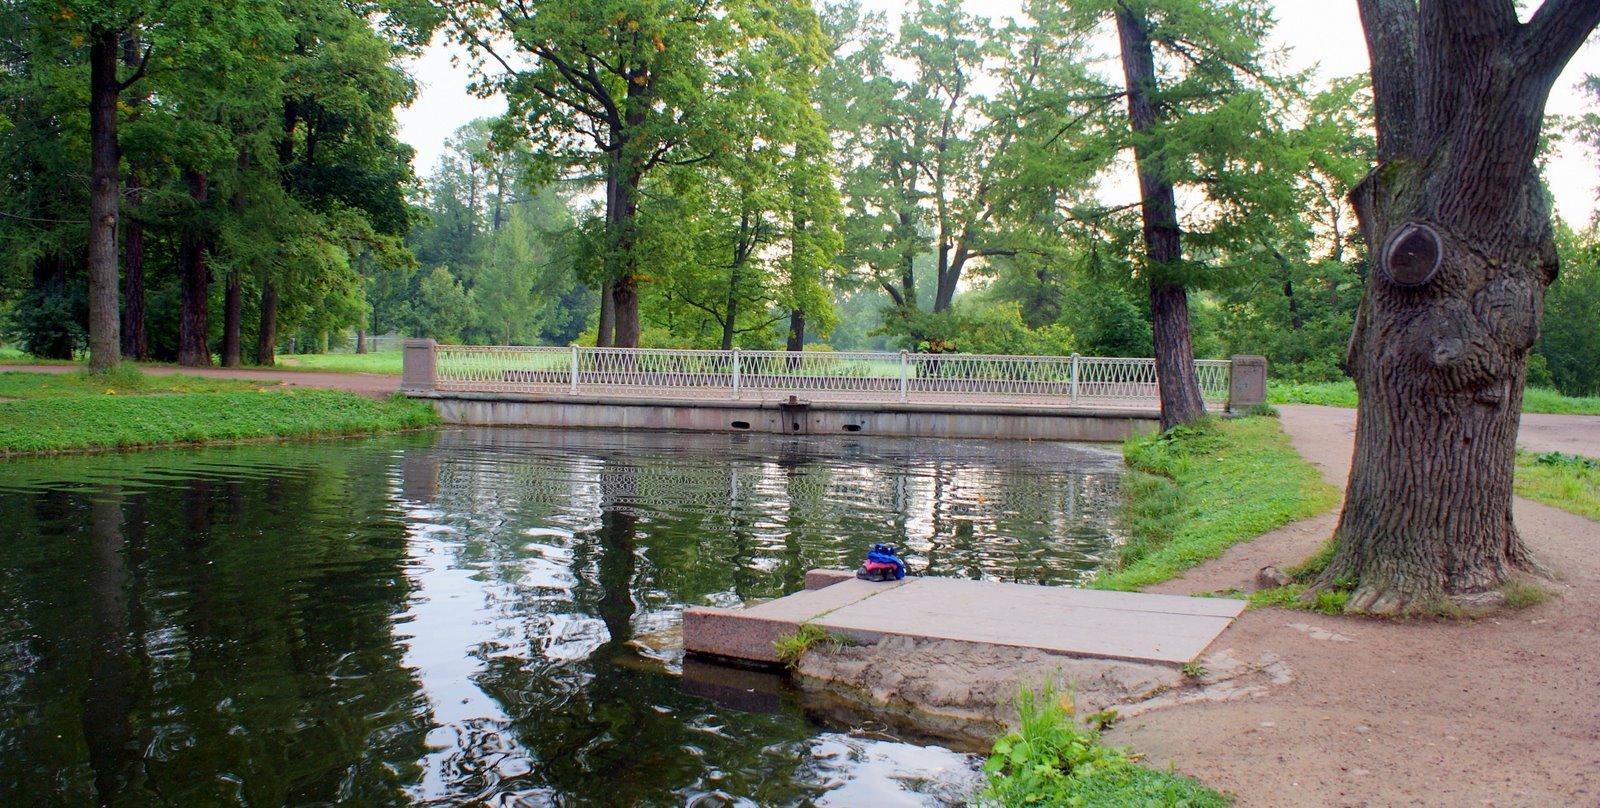 ВПетербурге отчаянная мать спасла из водоема тонувшего ребенка